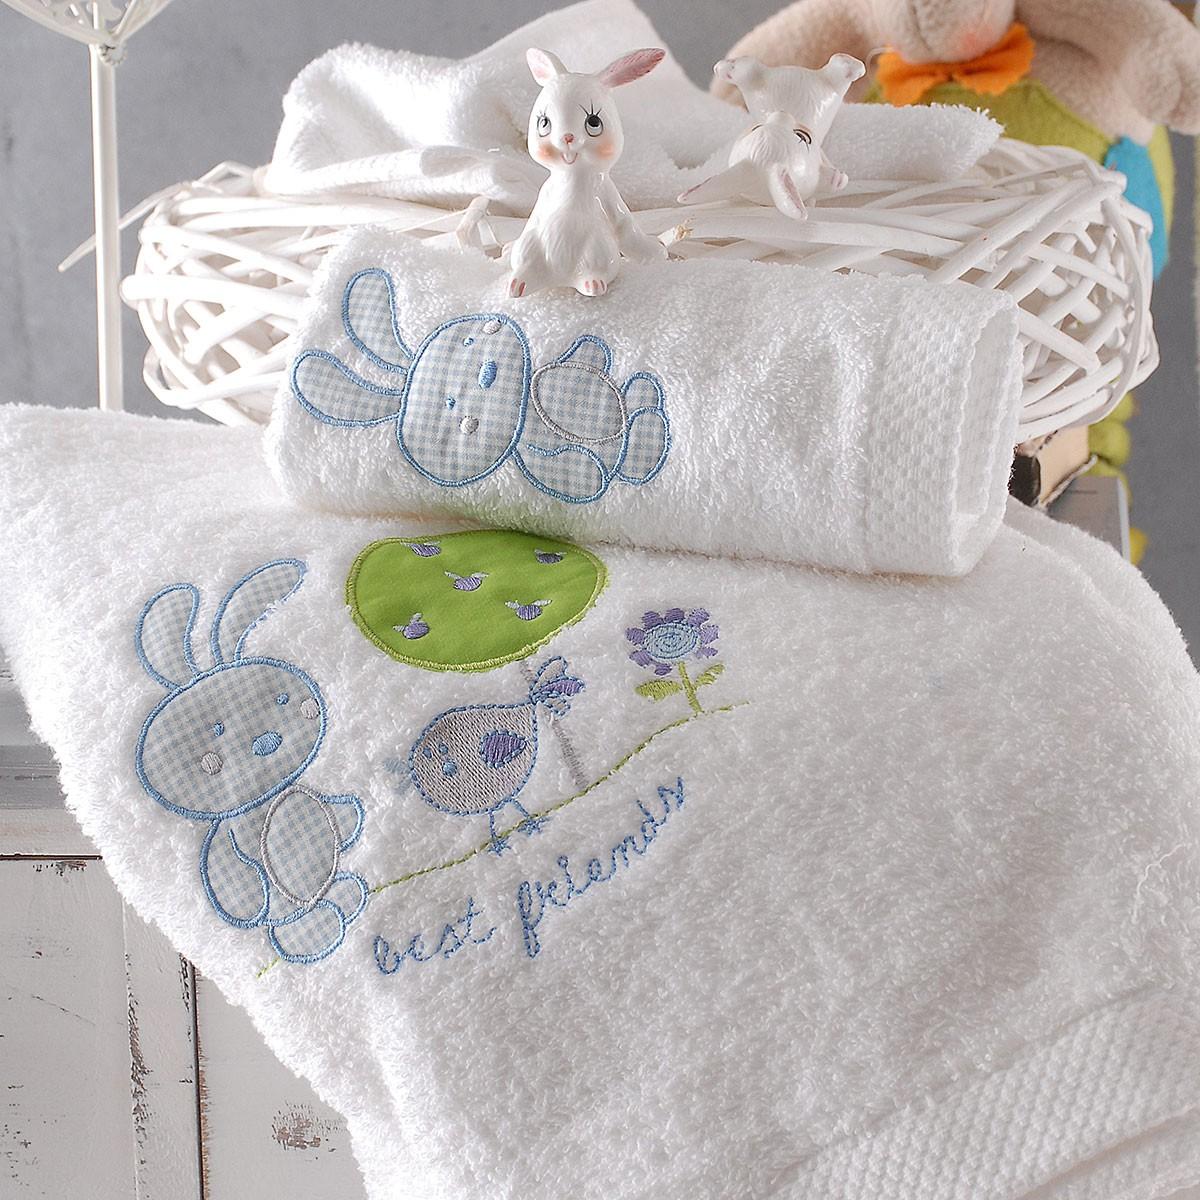 Βρεφικές Πετσέτες (Σετ 2τμχ) Rythmos Kids Sweet Summer Blue home   βρεφικά   πετσέτες βρεφικές